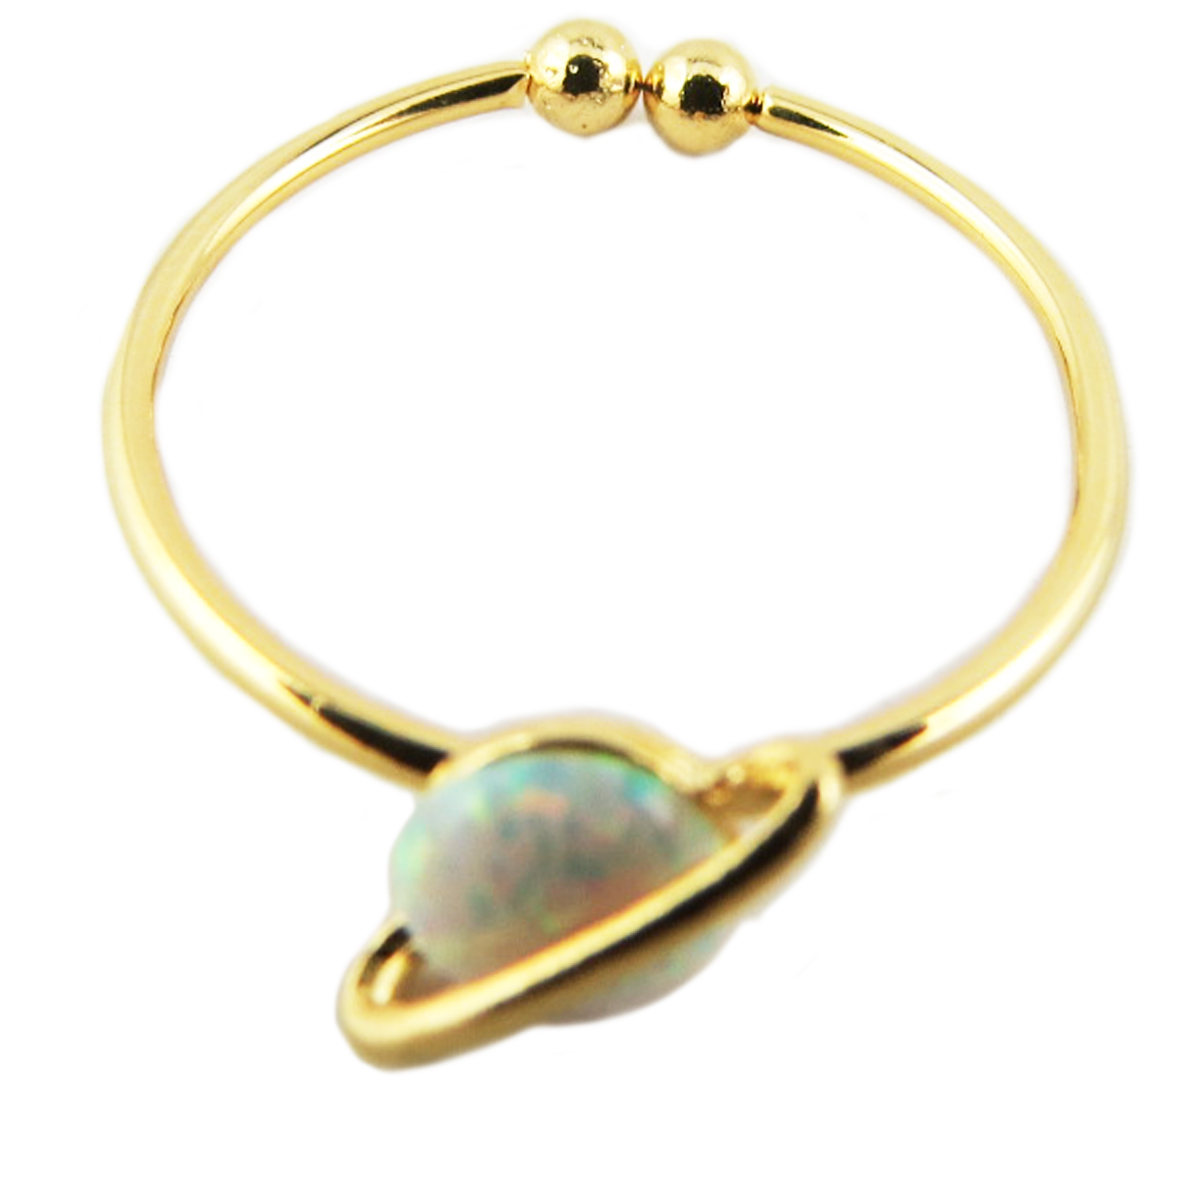 Bague artisanale \'Saturne\' blanc opale doré - 6 mm - [R1515]